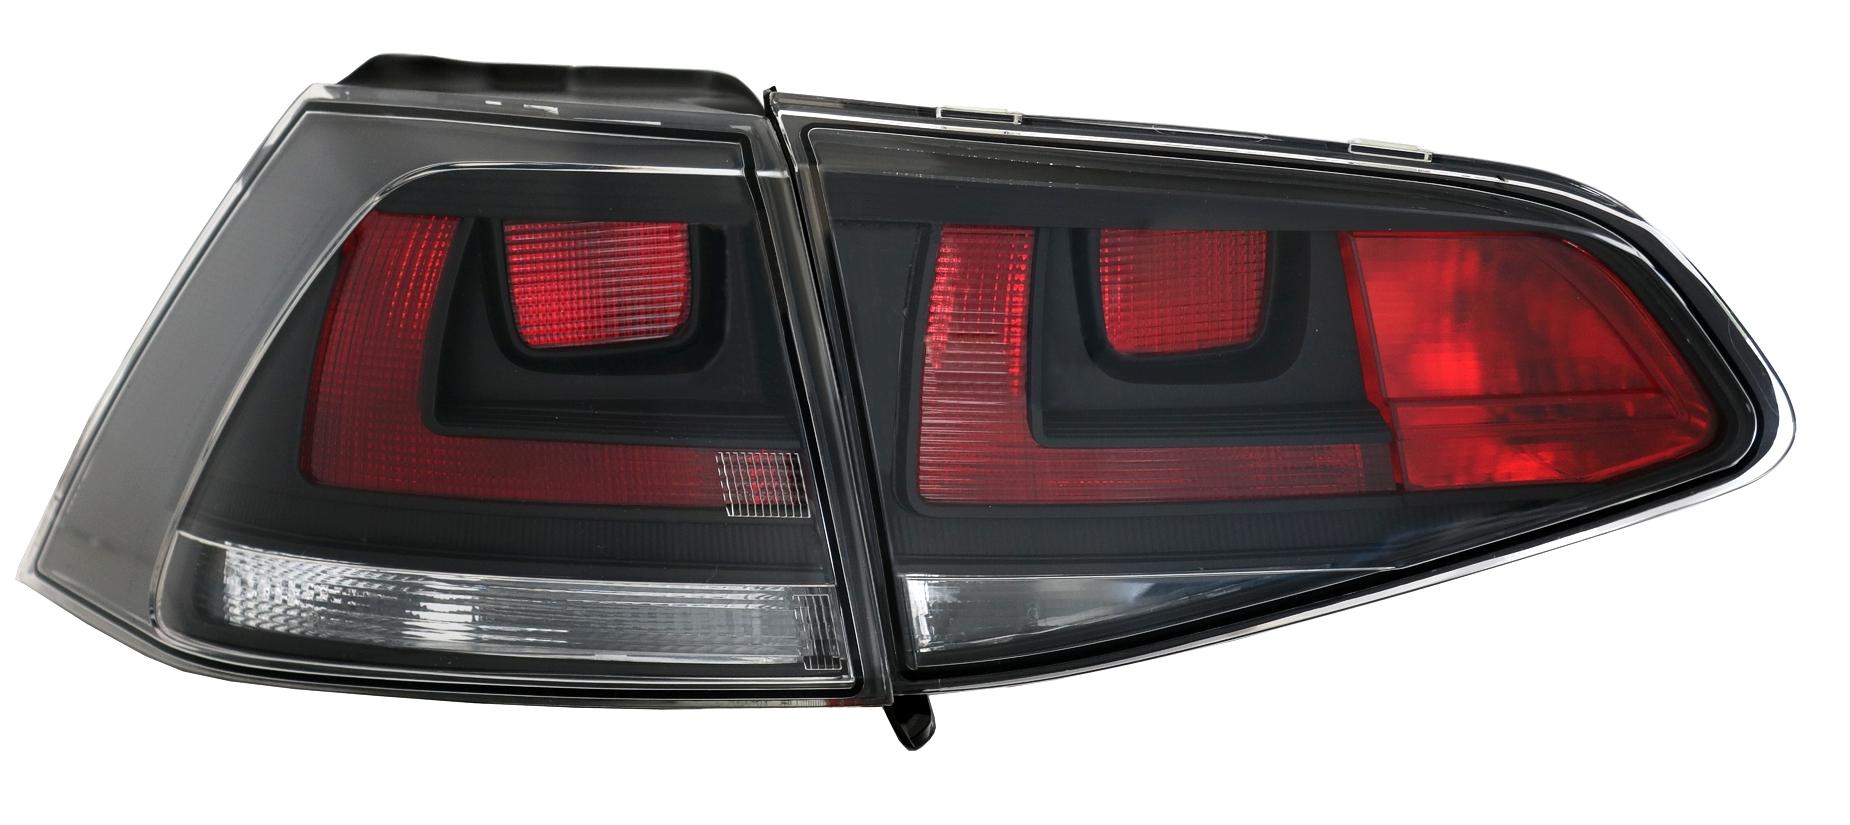 r ckleuchten set vw golf 7 5g limo in schwarz klarglas. Black Bedroom Furniture Sets. Home Design Ideas